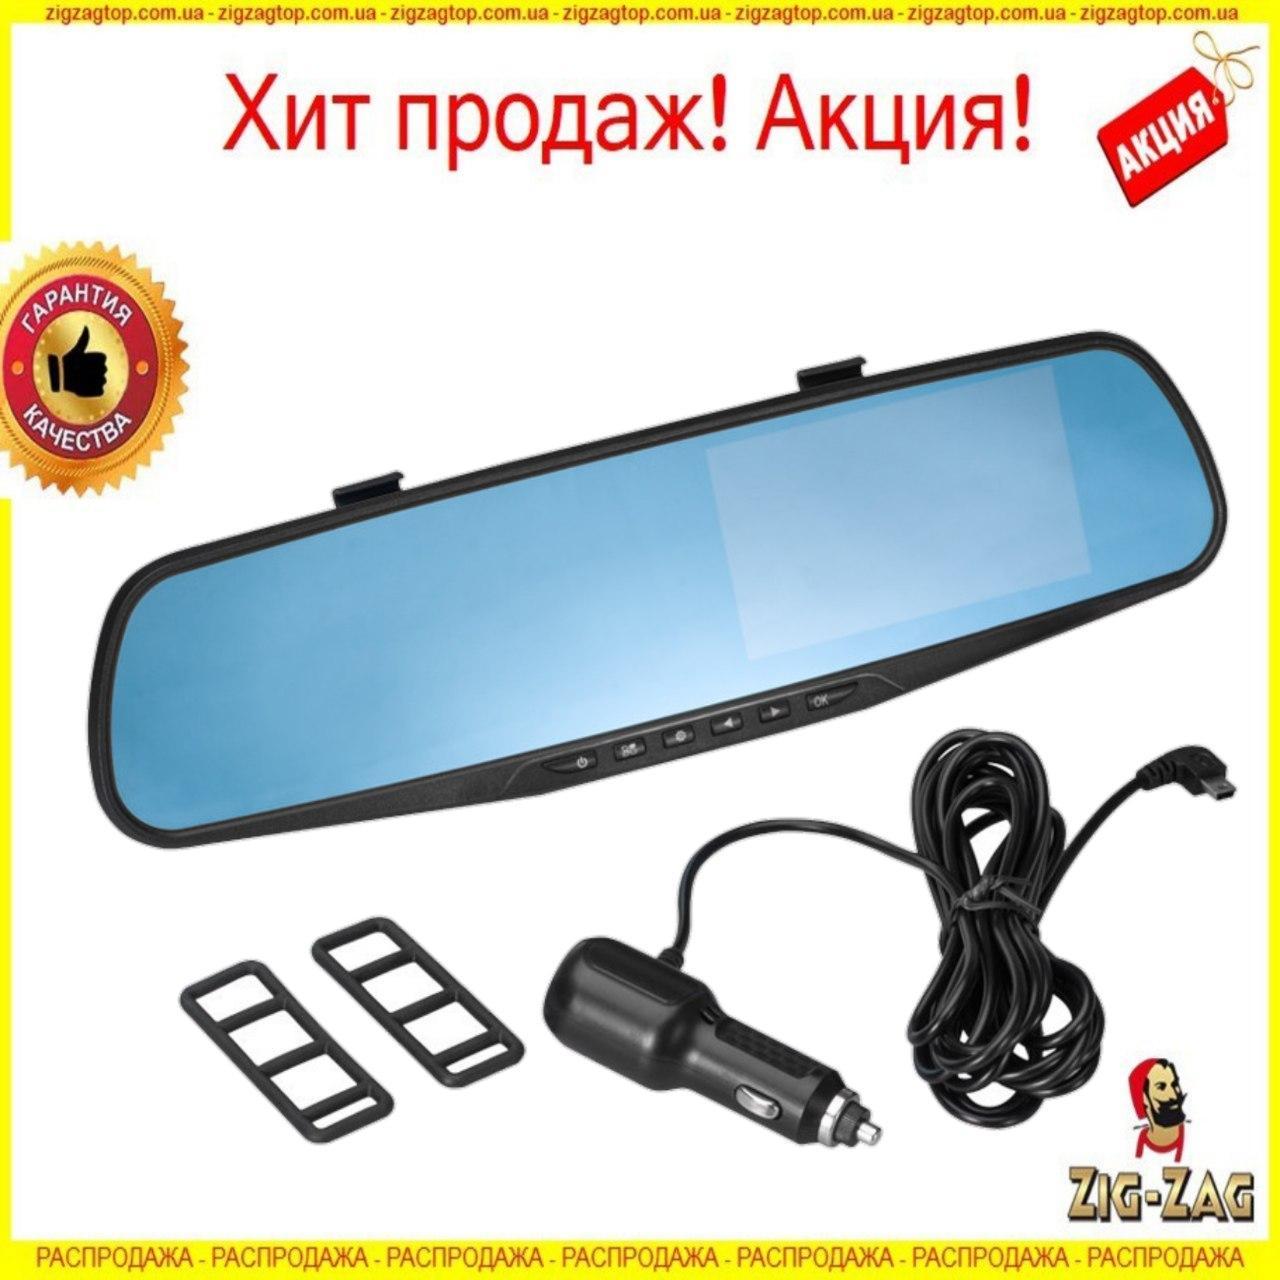 Автомобильное Зеркало Видеорегистратор для Машины Авторегистратор DVR L6000 1080р Угол 170° Регистратор NEW!